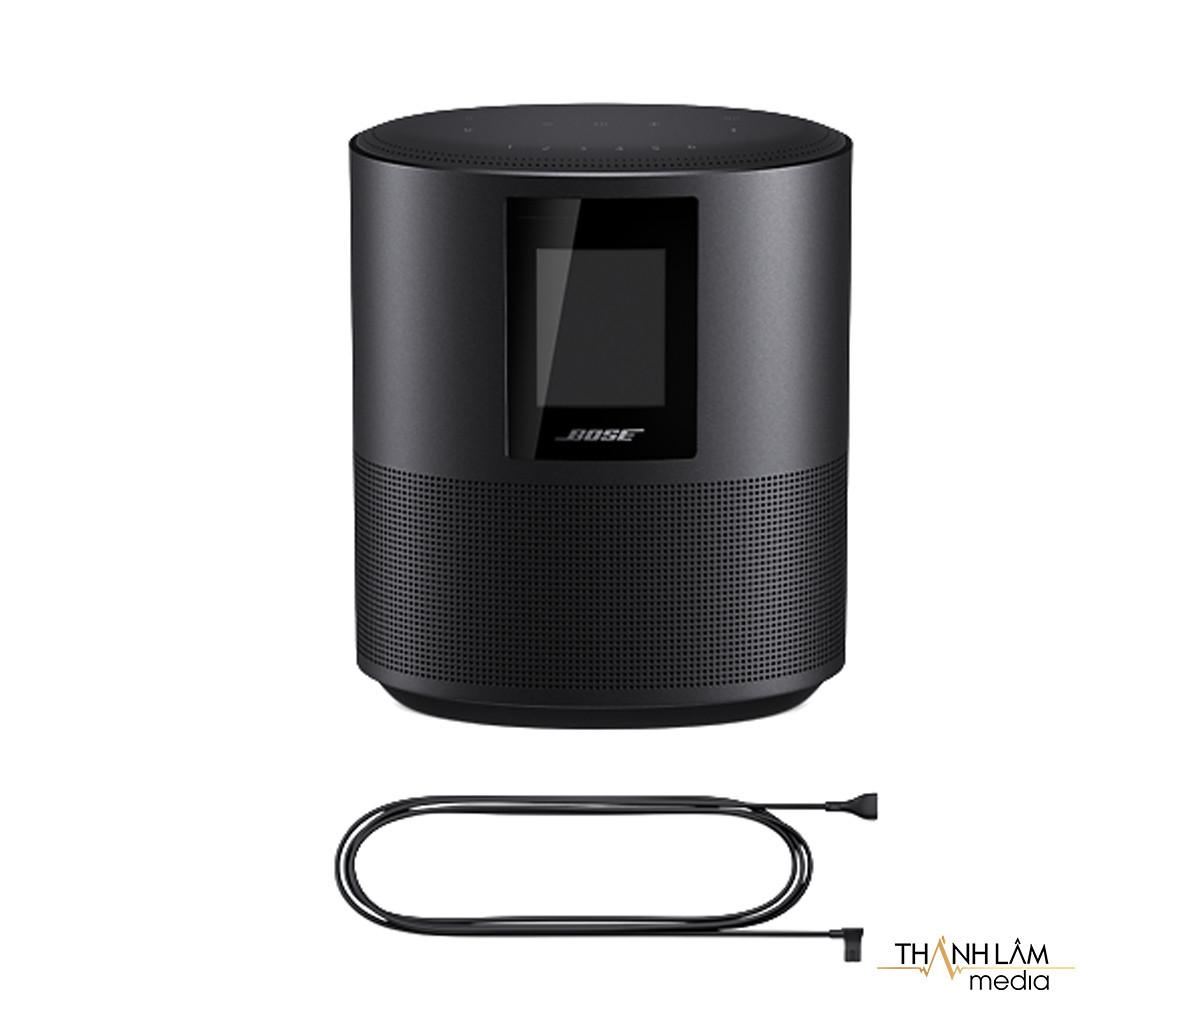 Loa Bose Home Speaker 500 Den 2